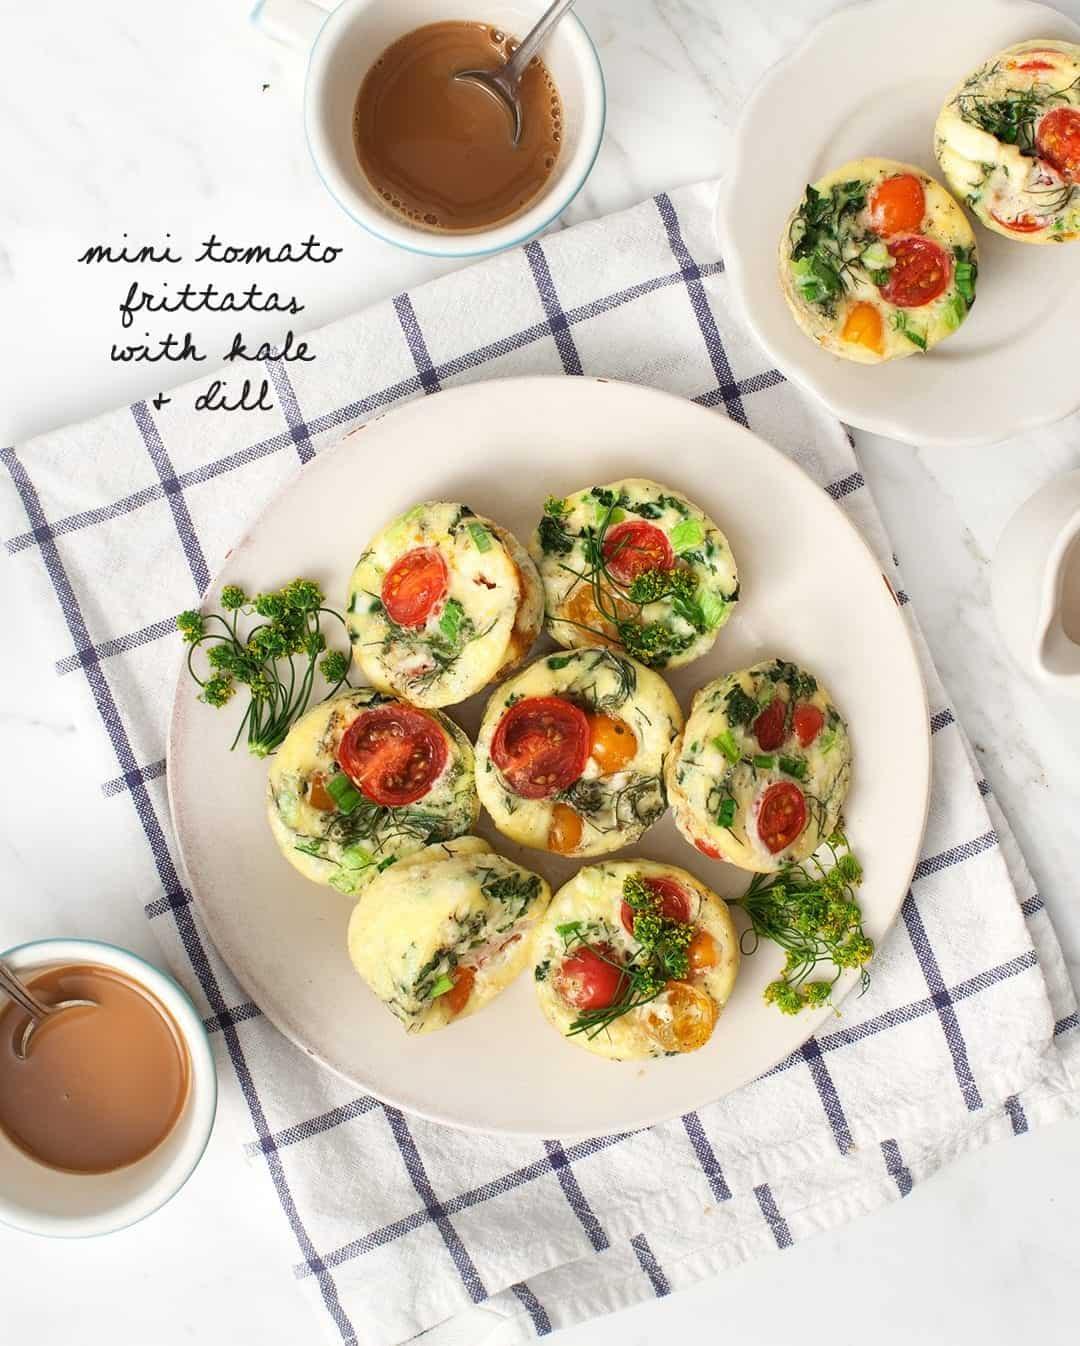 小西红柿菜肉馅煎蛋饼和莳萝盘子